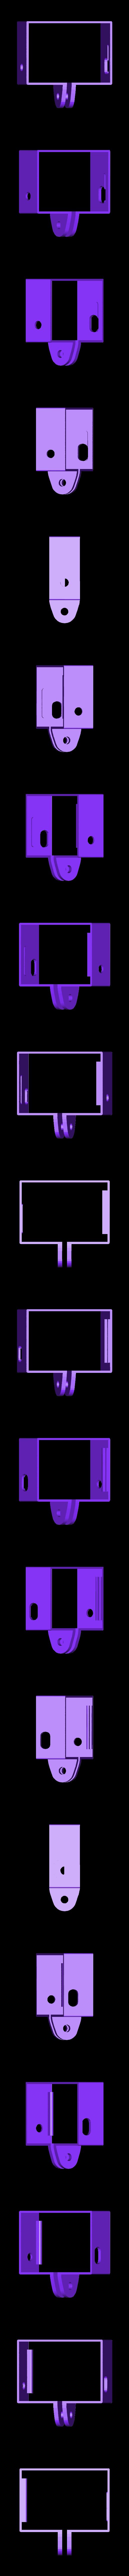 GoPro_Hero3_Mount.stl Télécharger fichier STL gratuit GoPro Hero3 Noir Noir 3D Imprimé Montage • Design pour impression 3D, Werthrante